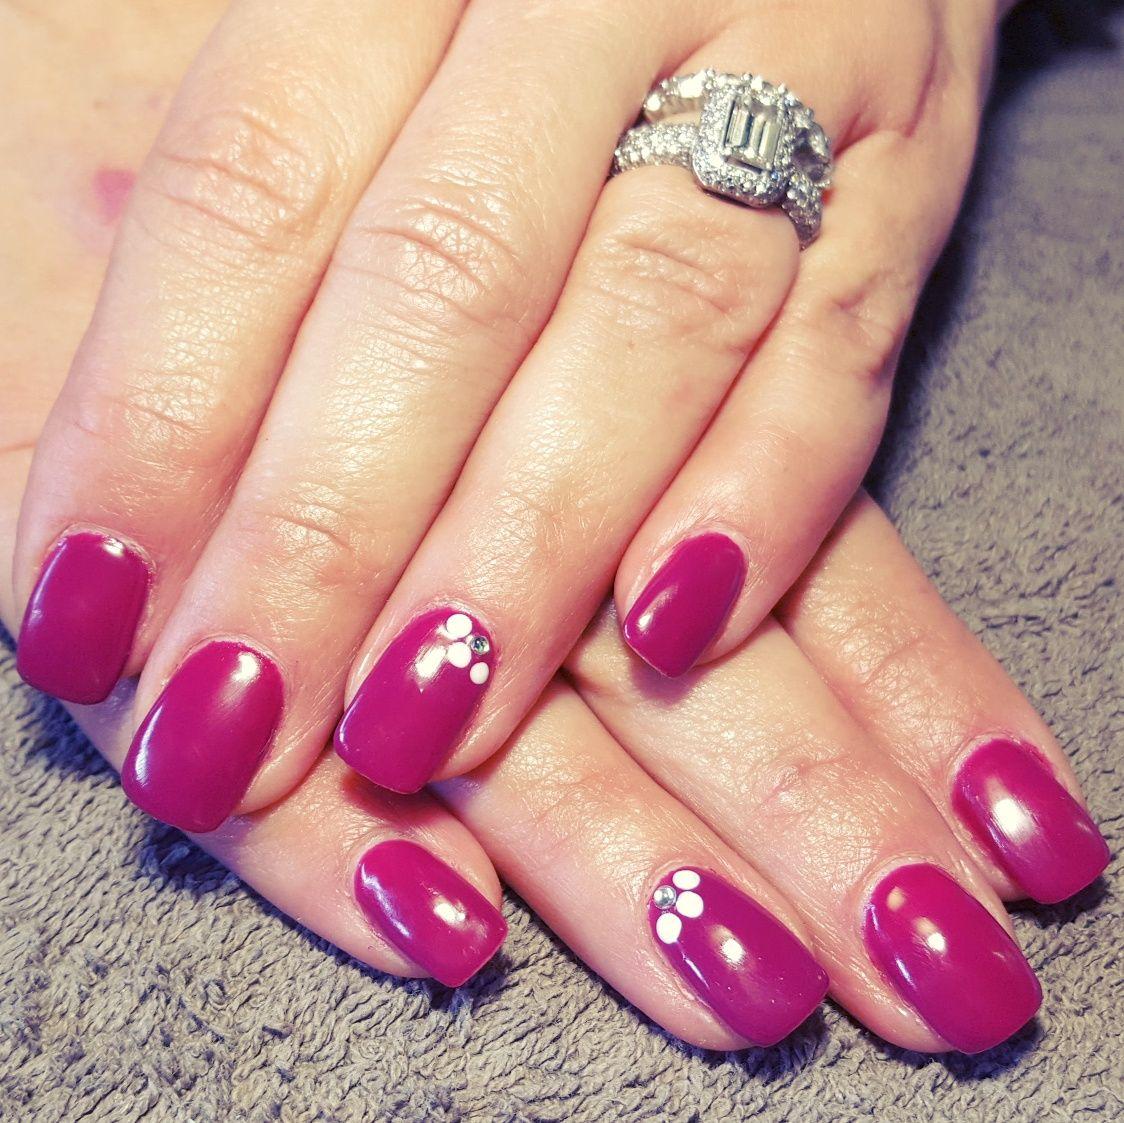 nails, accent nail, gelish, shellac, gellac, nail art, maroon, pink ...